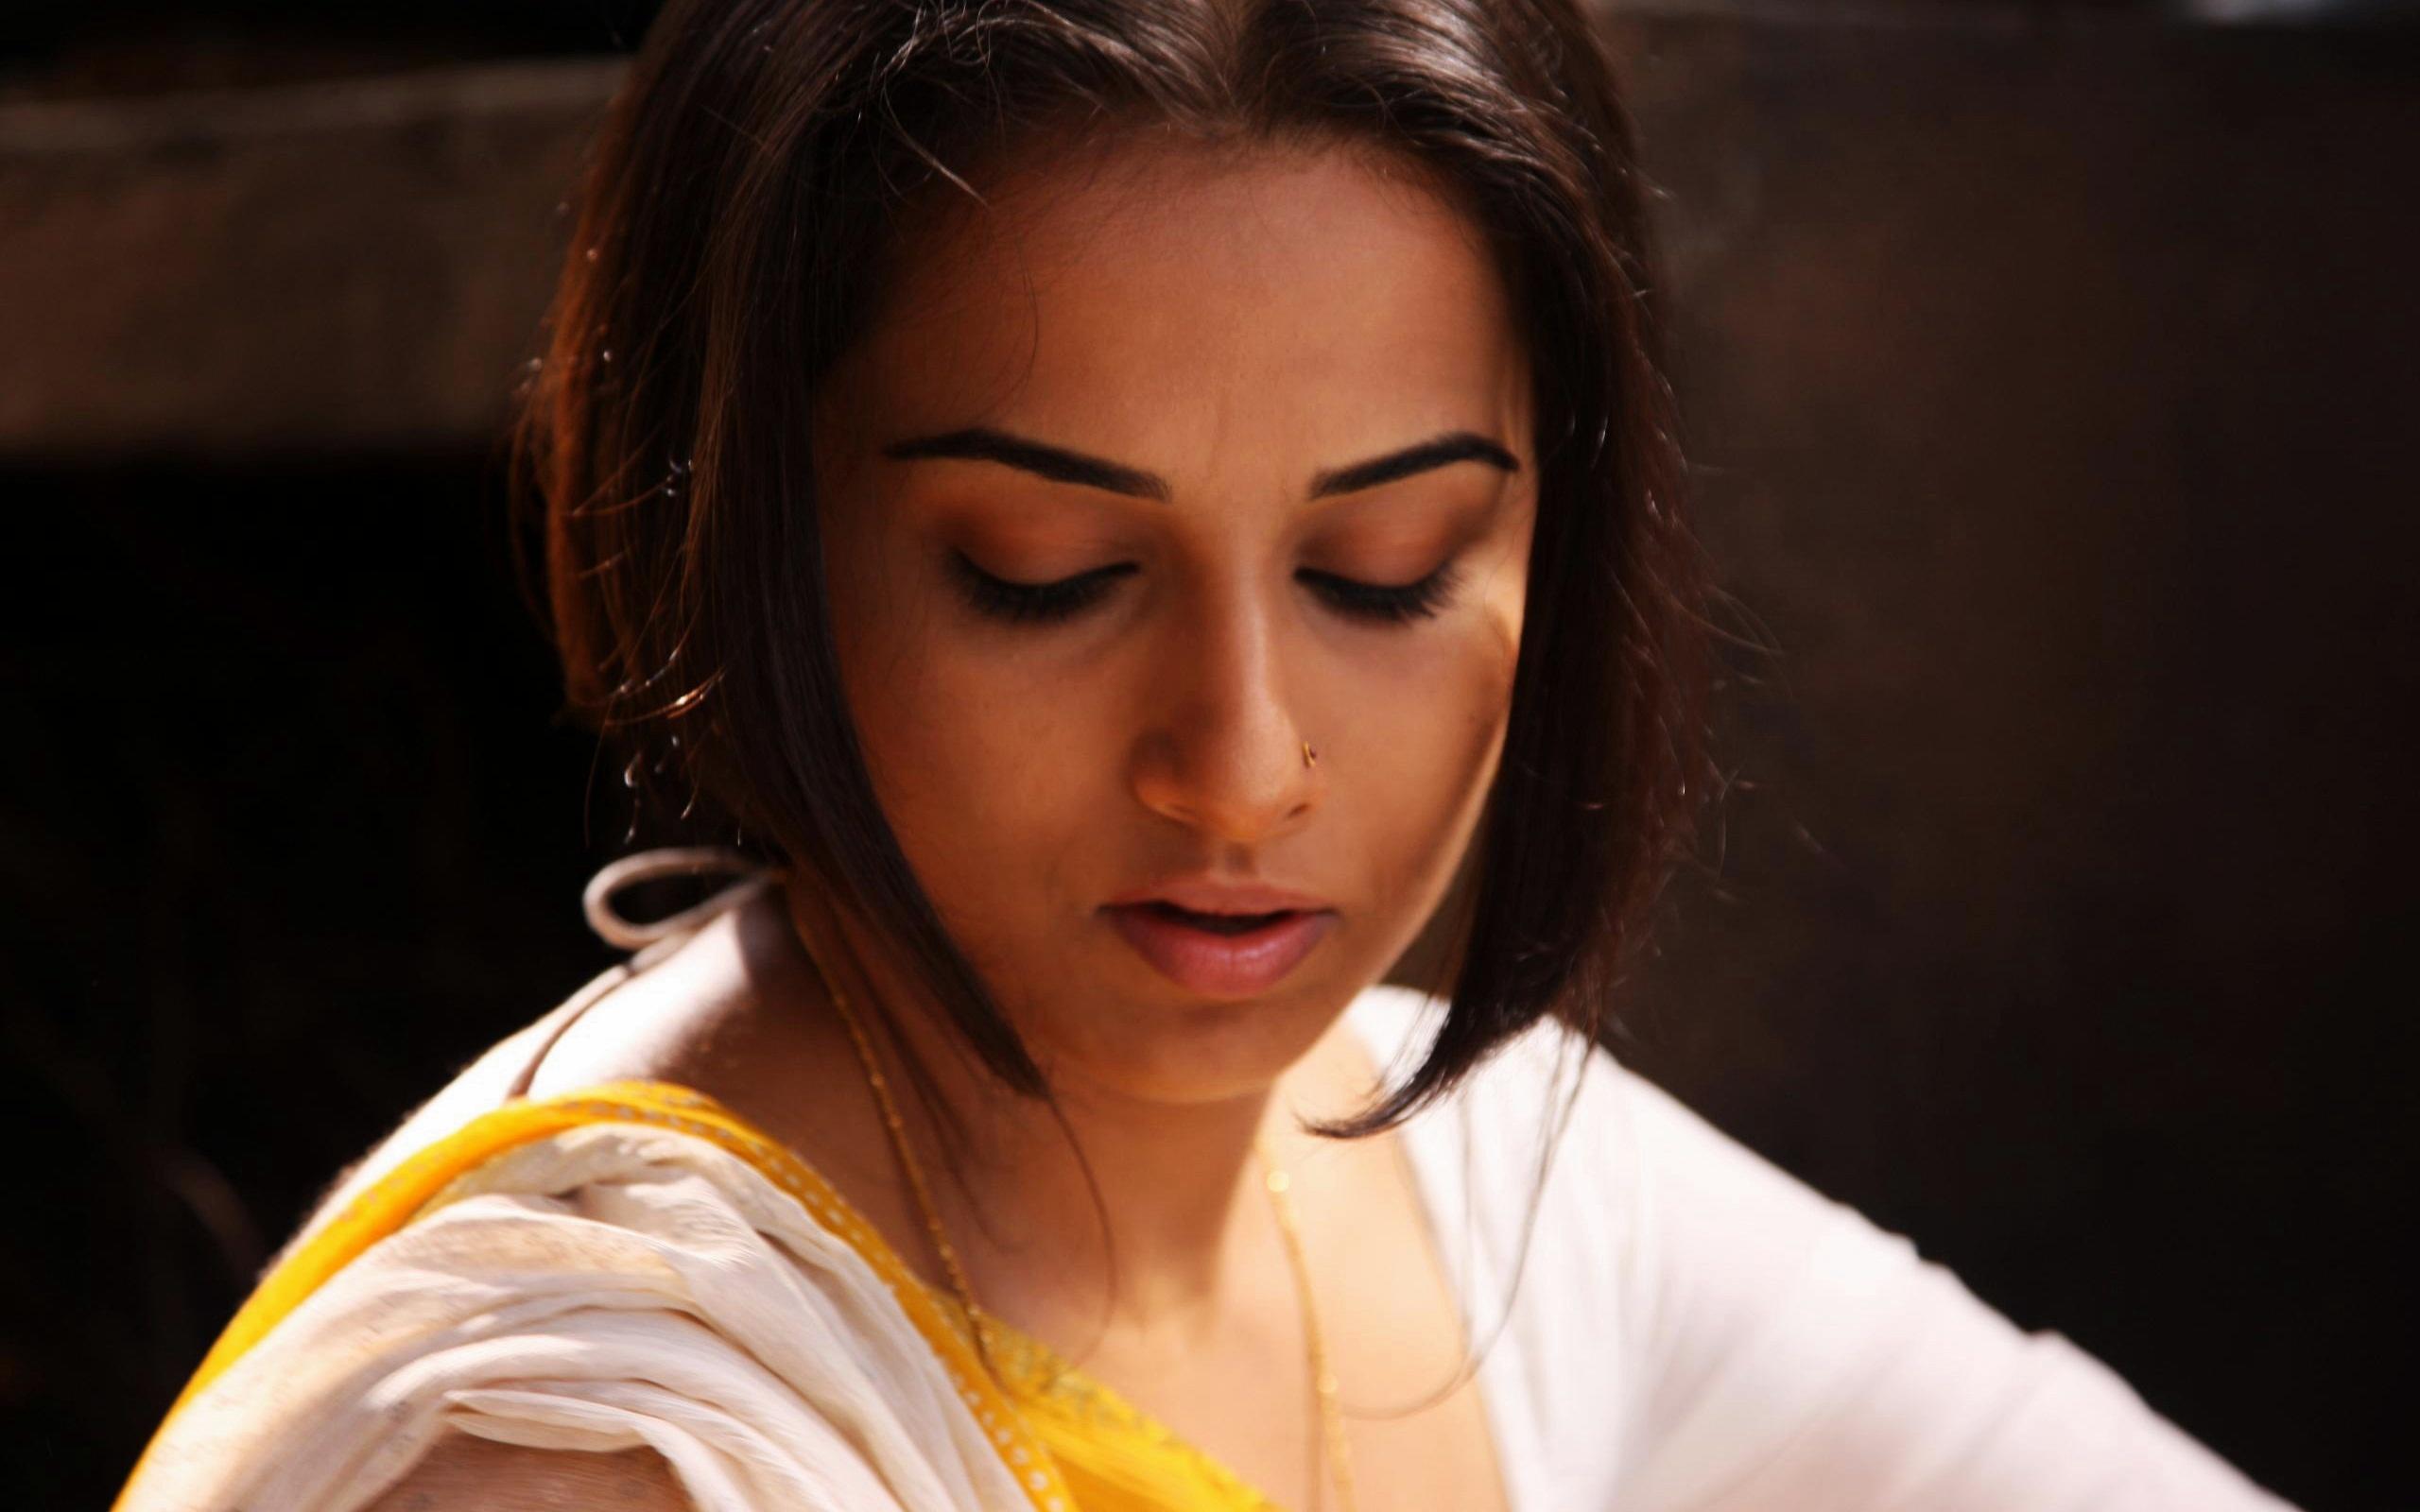 Vidya Balan Ishqiya Movie Wallpapers In Jpg Format For Free Download